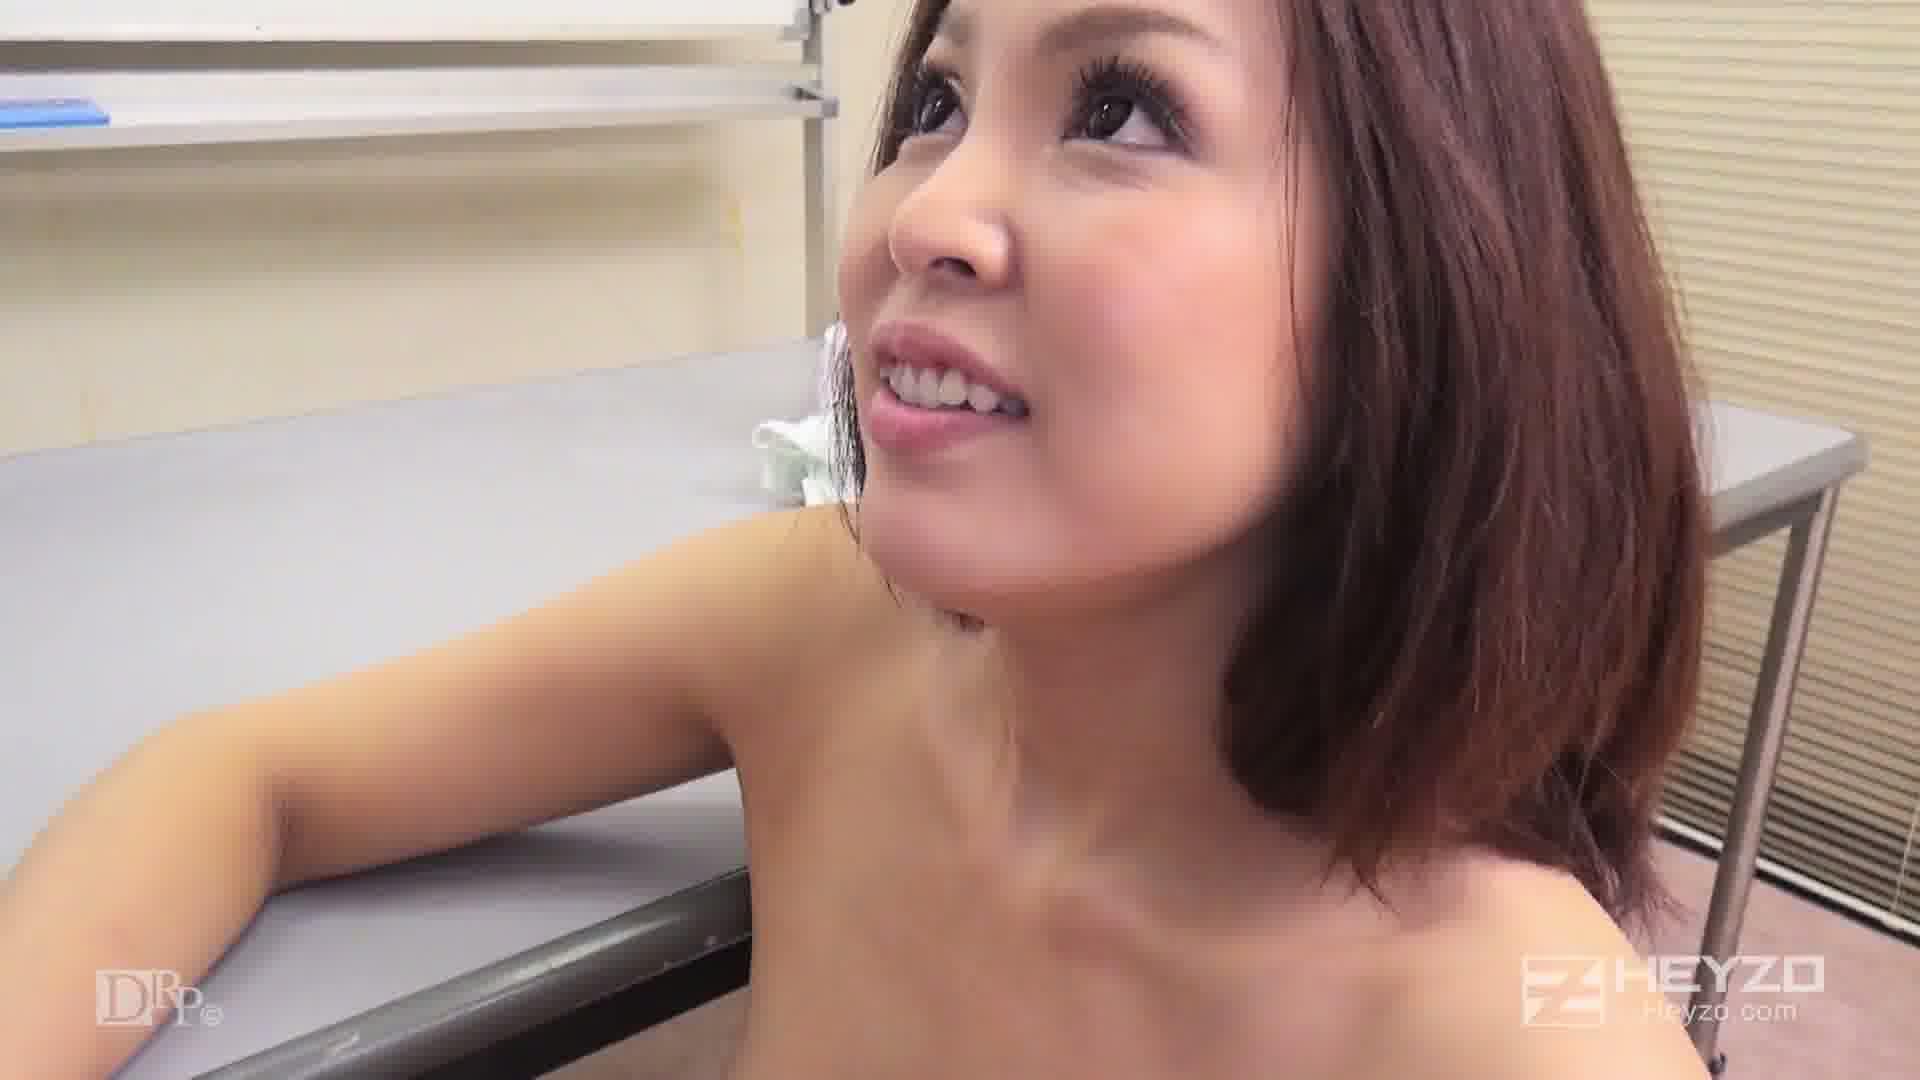 美人英語講師のイヤらしい舌使い - 西野エリカ【背面騎乗位 正常位 中出し オナニー】